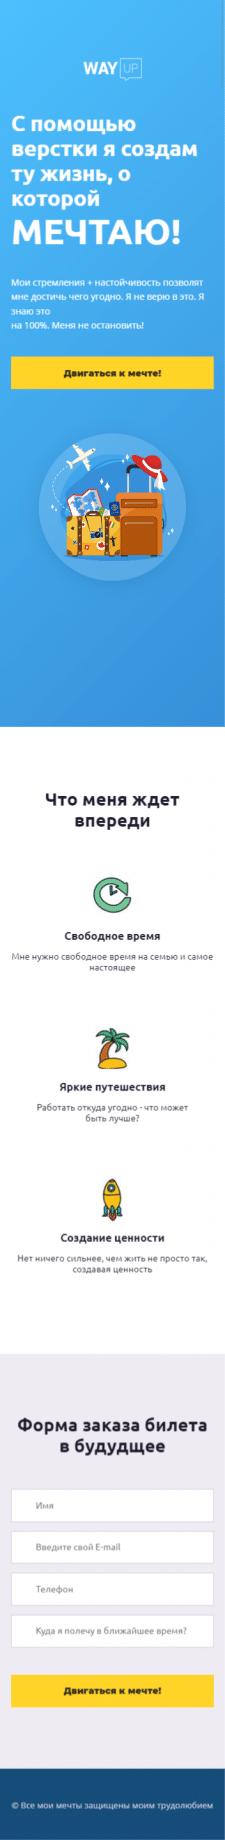 wayup.mobile